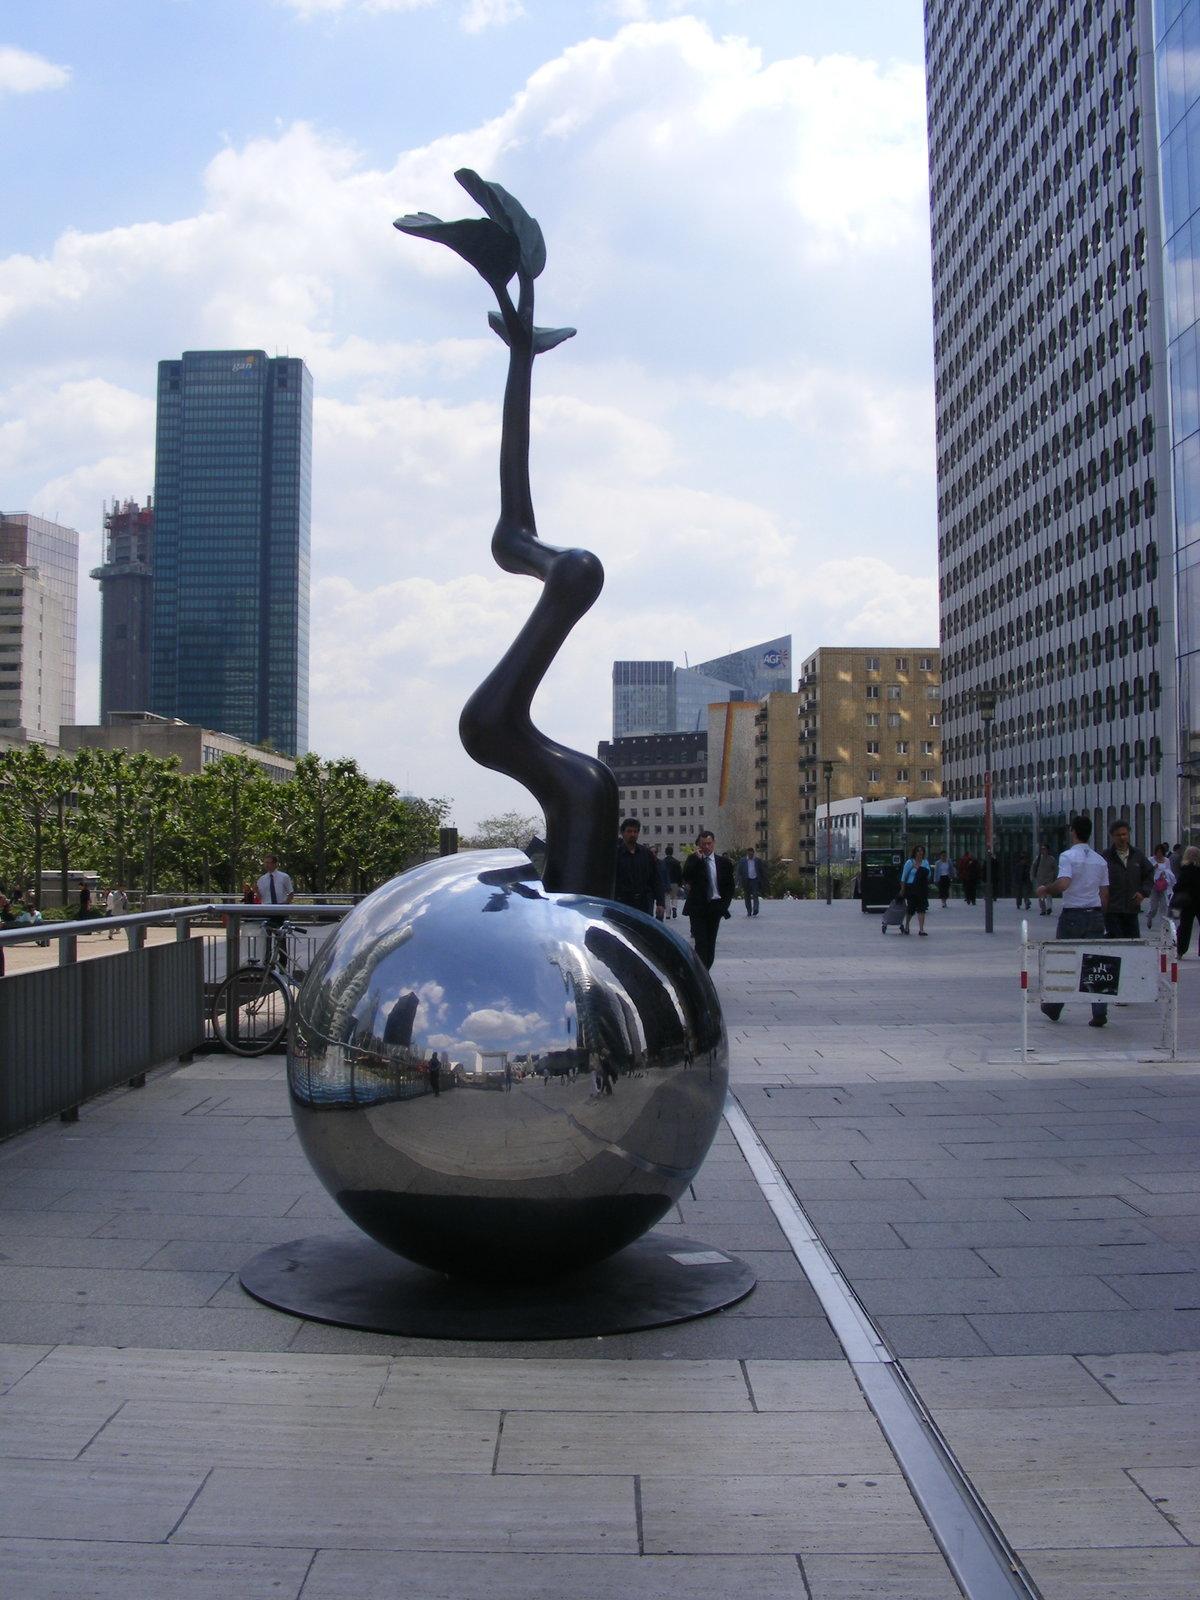 молодёжная марка, необычные скульптуры мира фото с описанием планировщике